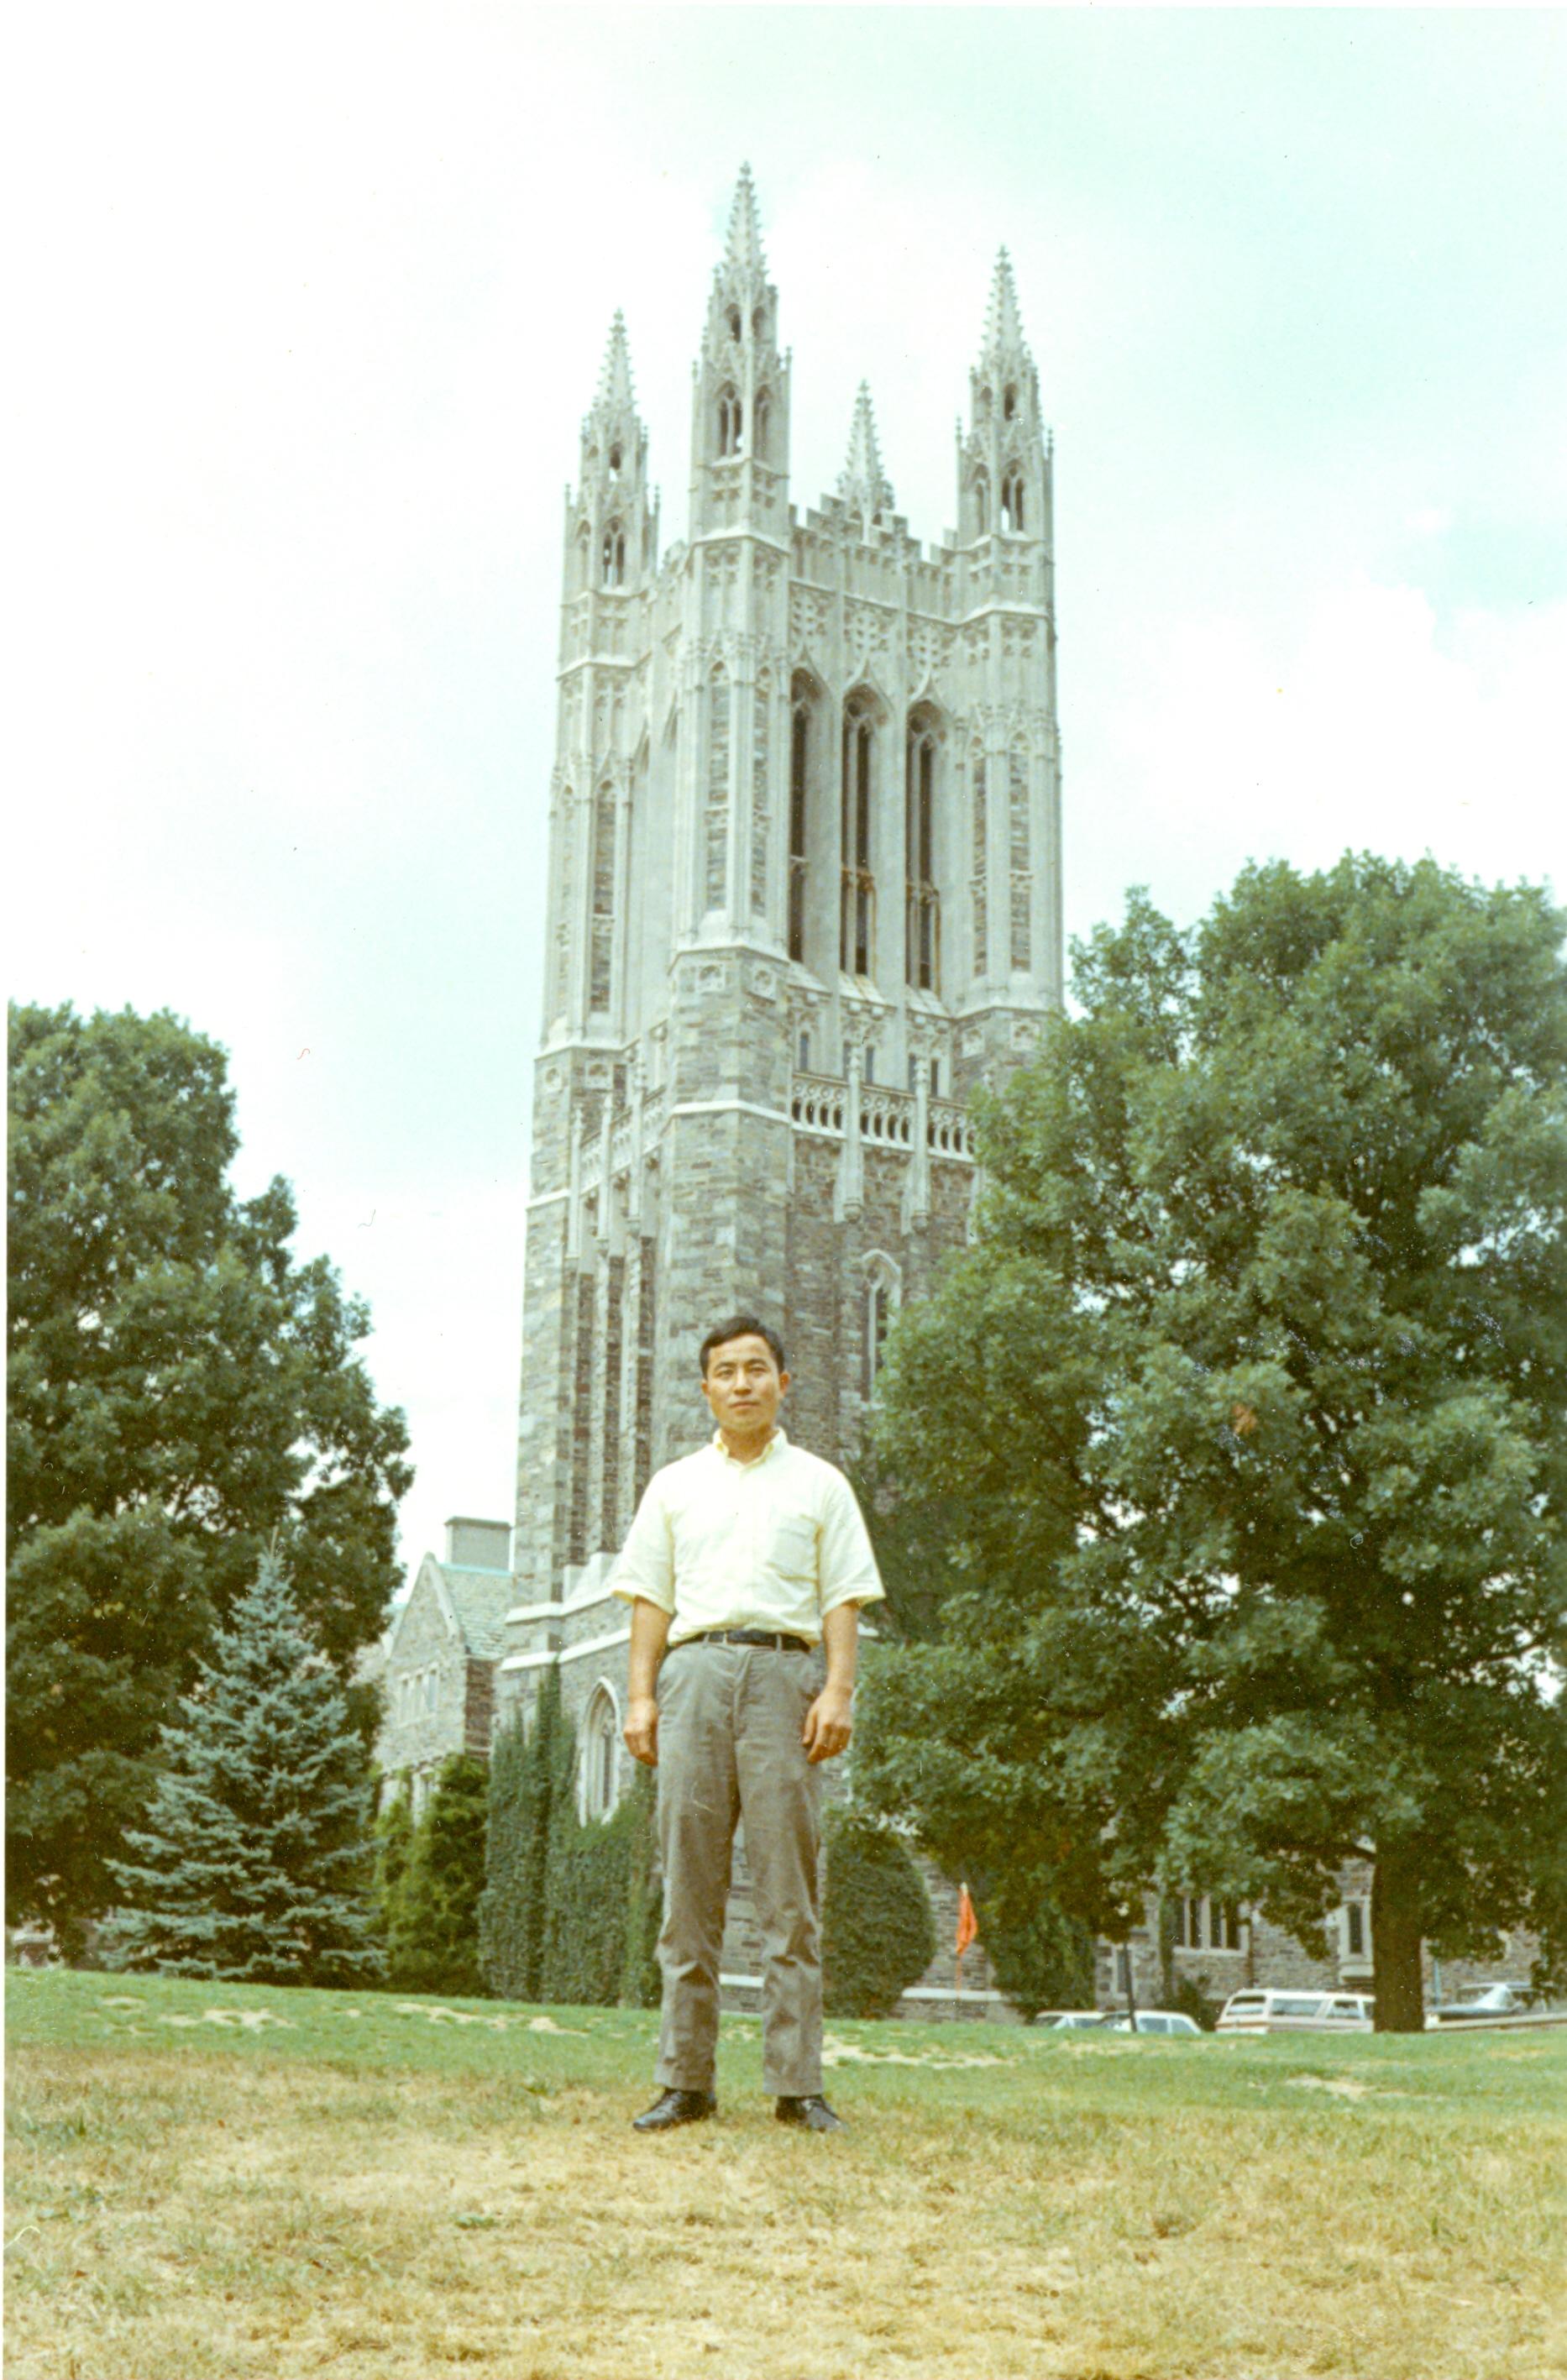 At Princeton University, 1968